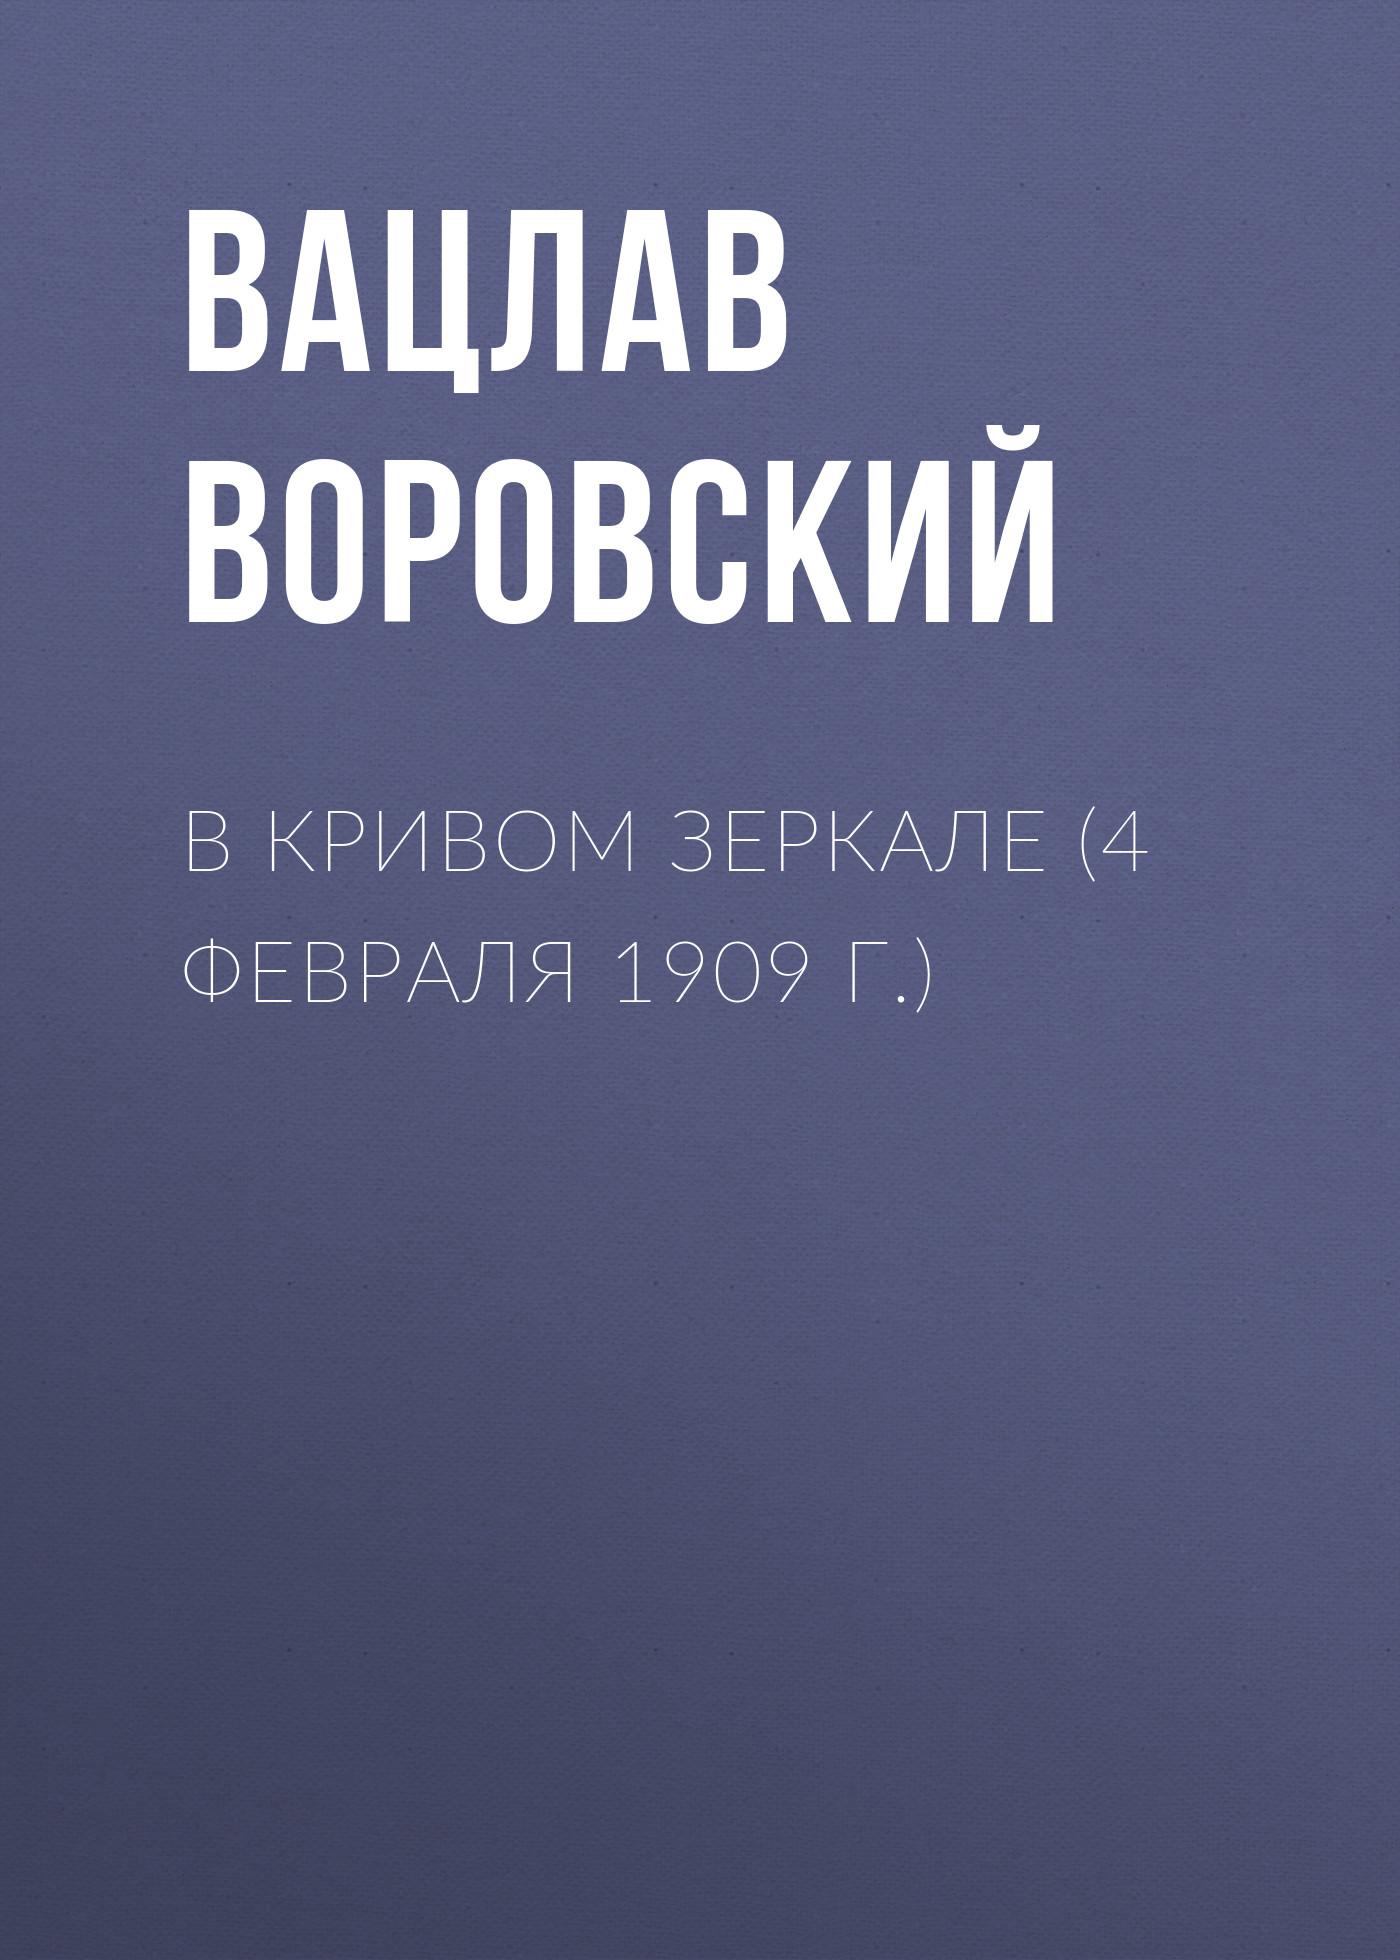 Вацлав Воровский В кривом зеркале (4 февраля 1909 г.) вацлав воровский в кривом зеркале 17 января 1909 г